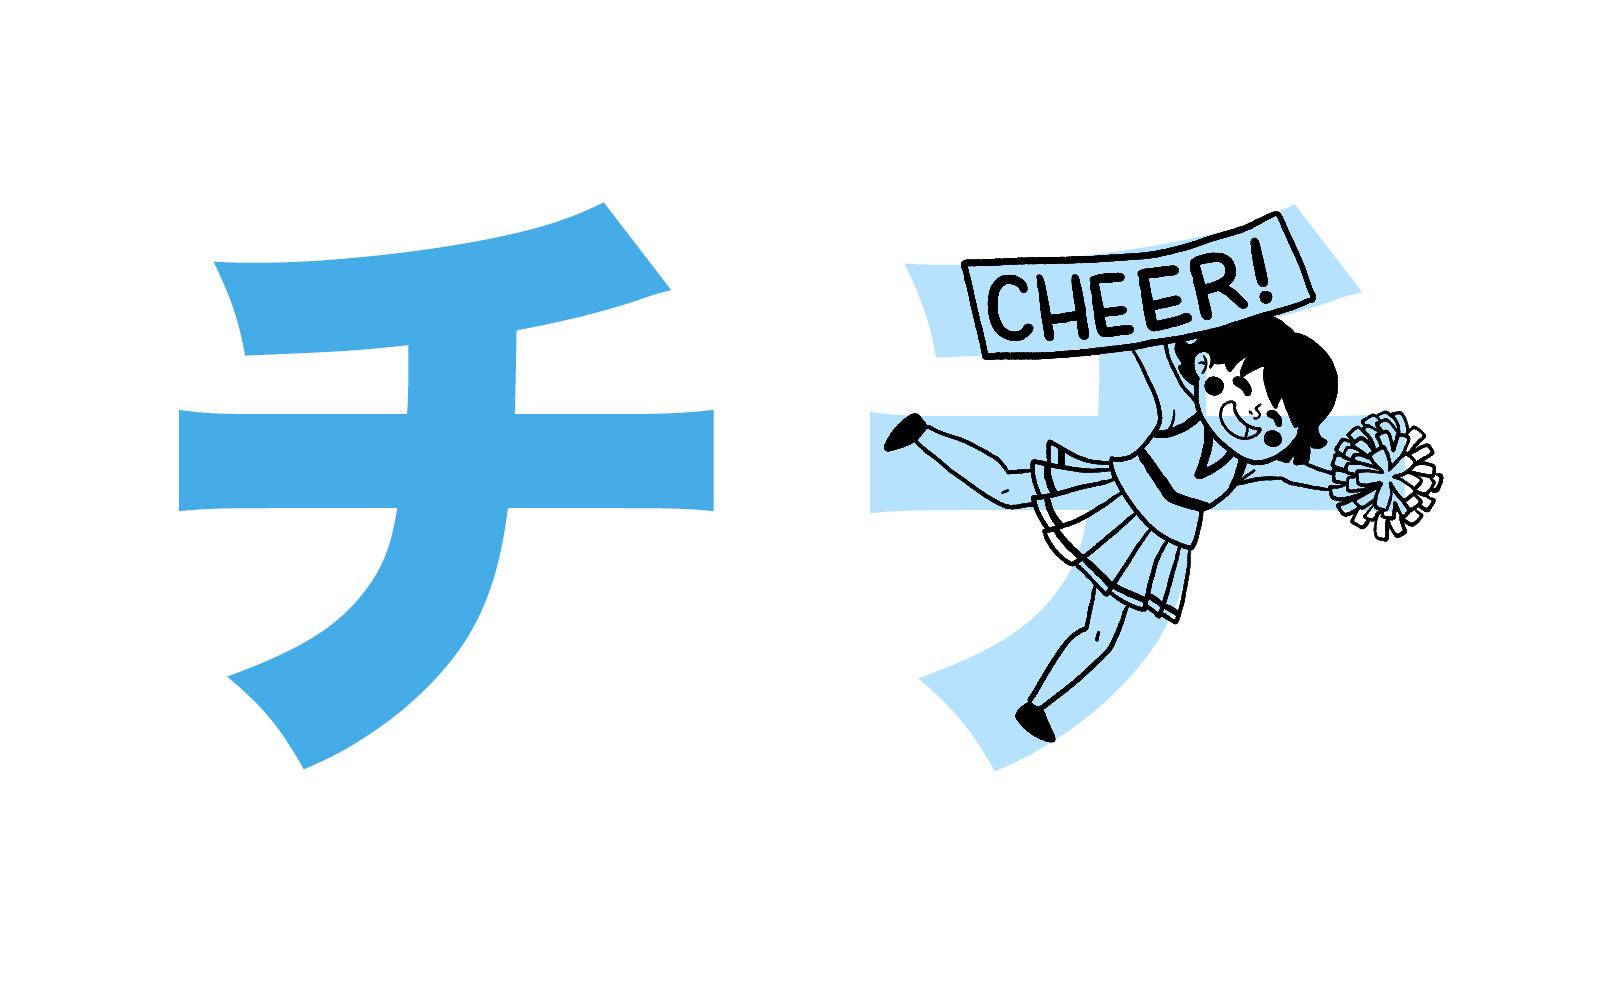 Katakana character チ mnemonic